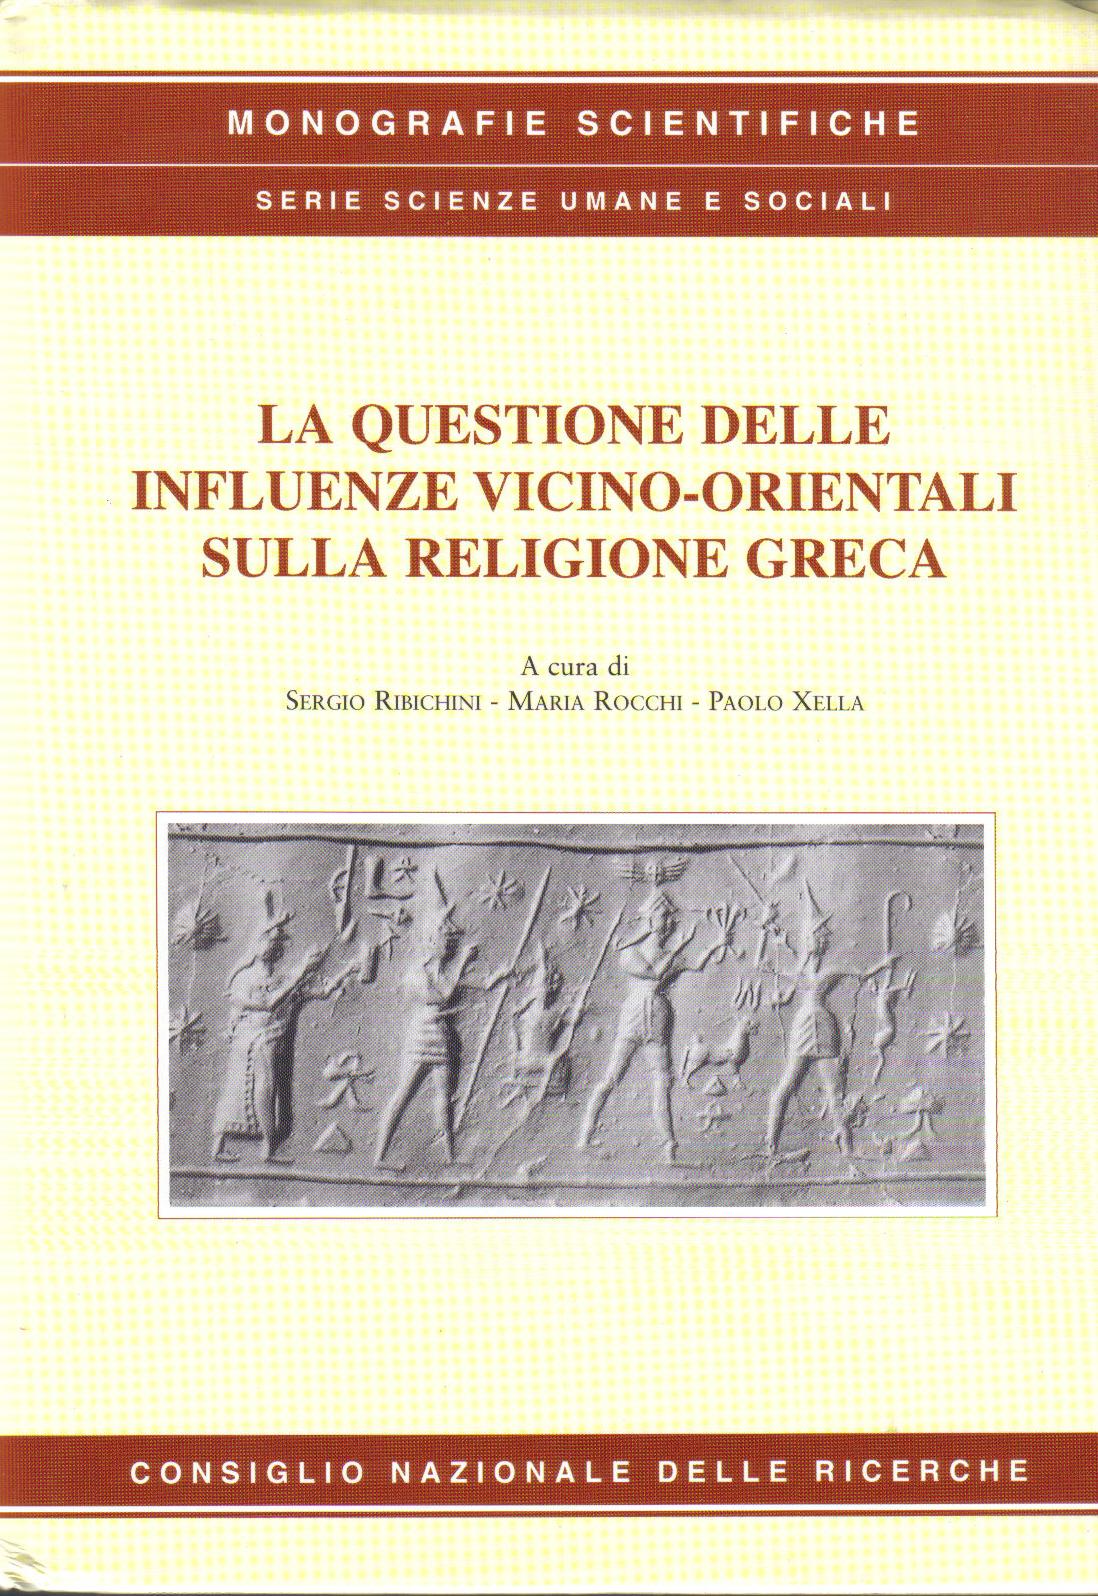 La questione delle influenze vicino-orientali sulla religione greca